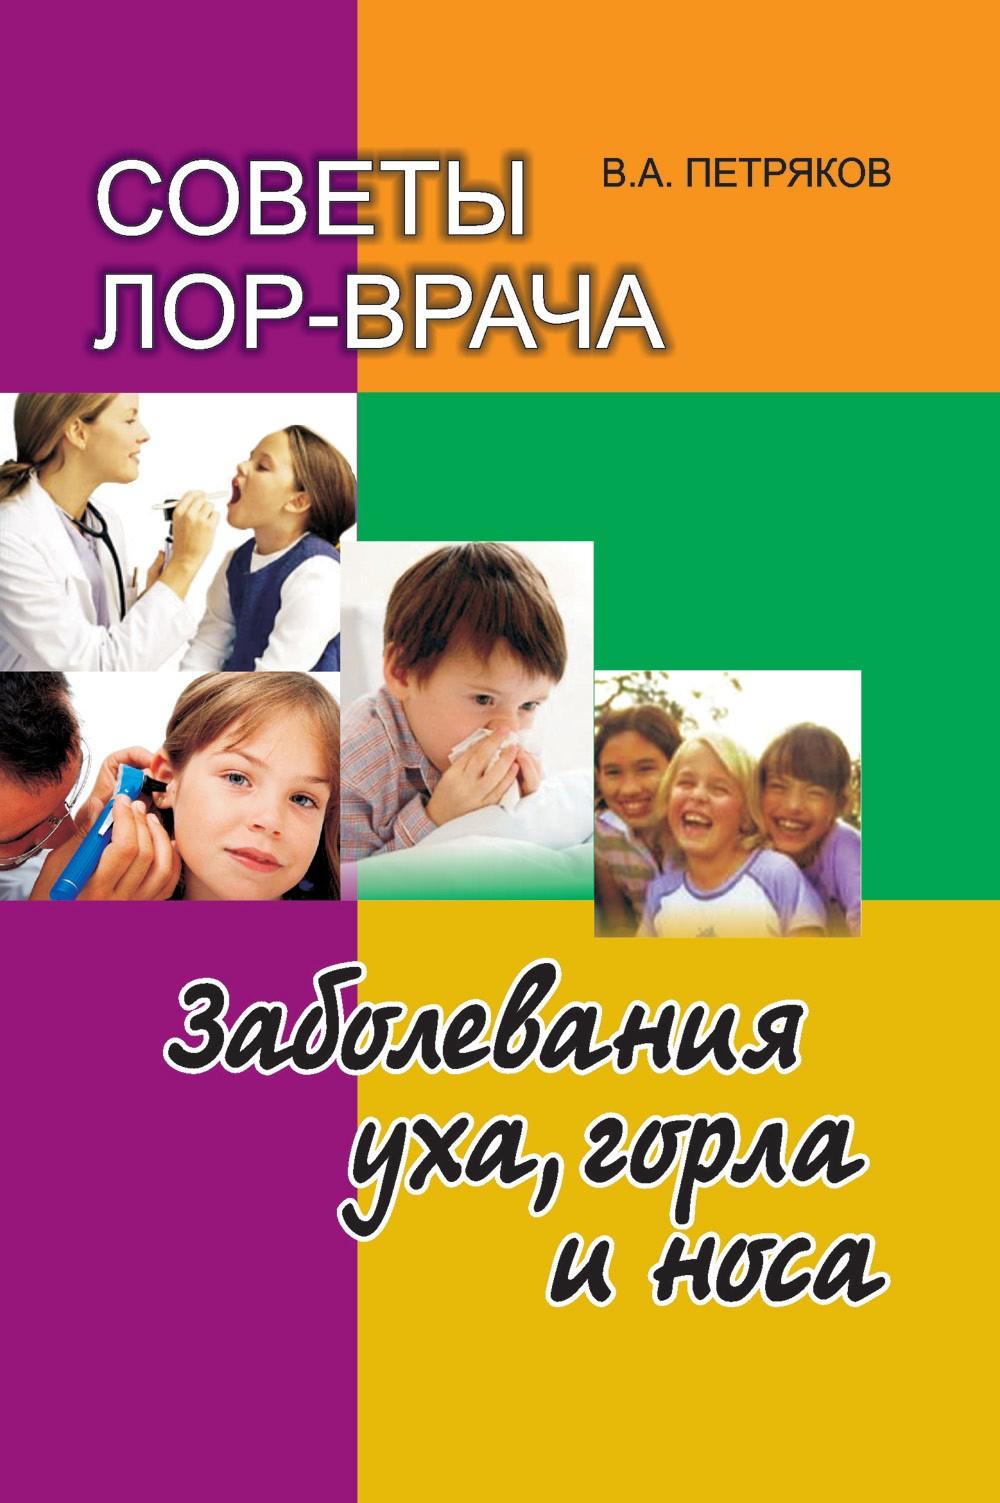 купить В. А. Петряков Советы лор-врача. Заболевания уха, горла и носа недорого